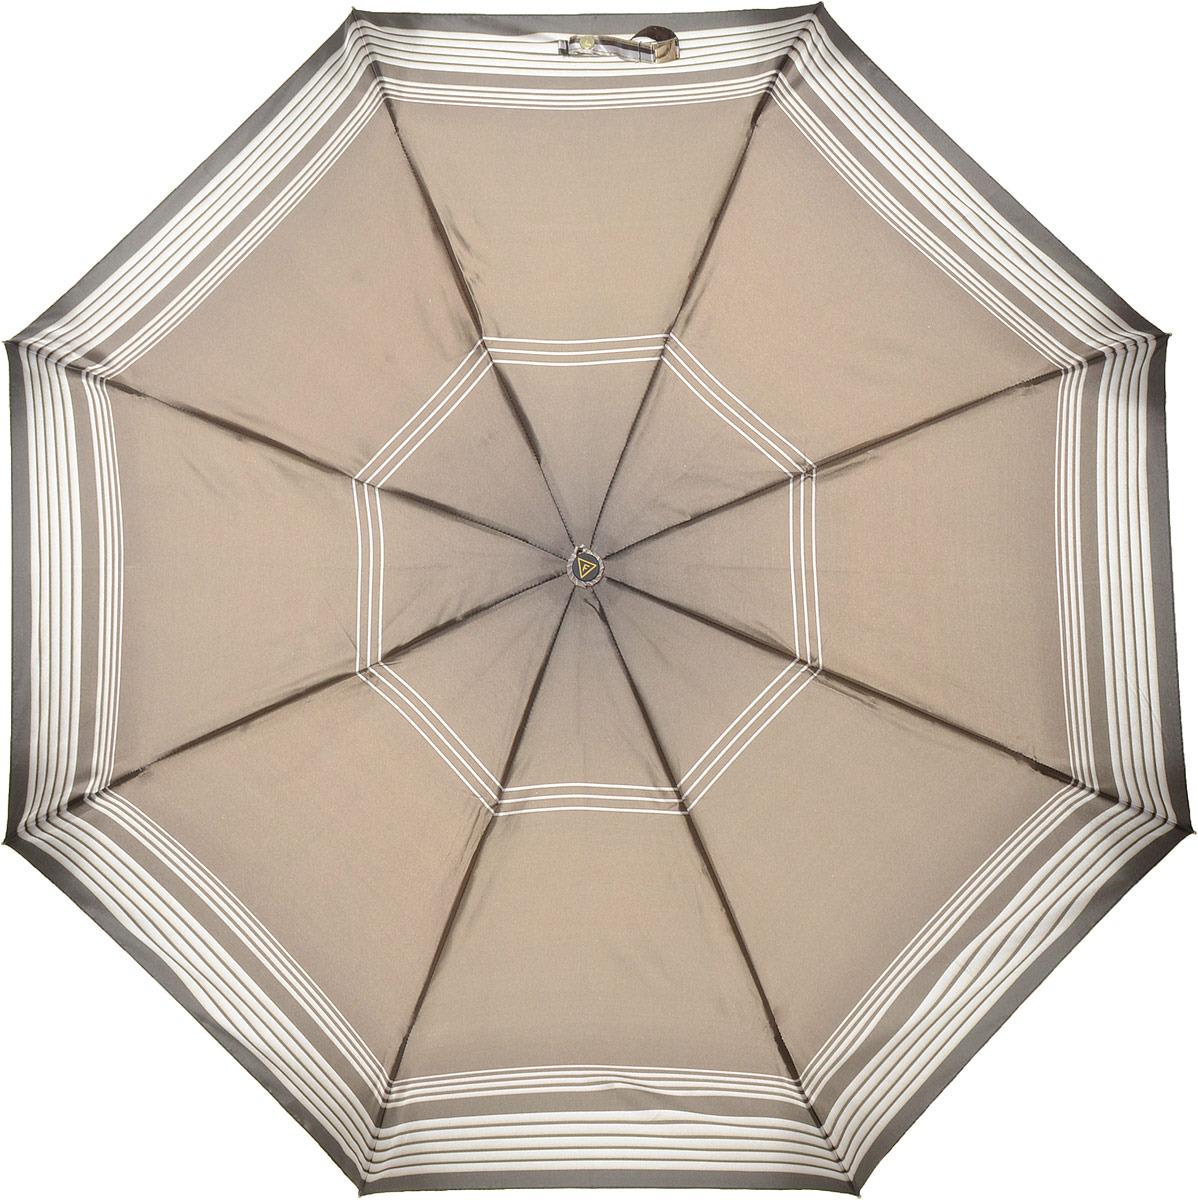 купить Зонт женский Fabretti, автомат, 3 сложения, цвет: коричневый. S-18104-1 по цене 1031 рублей